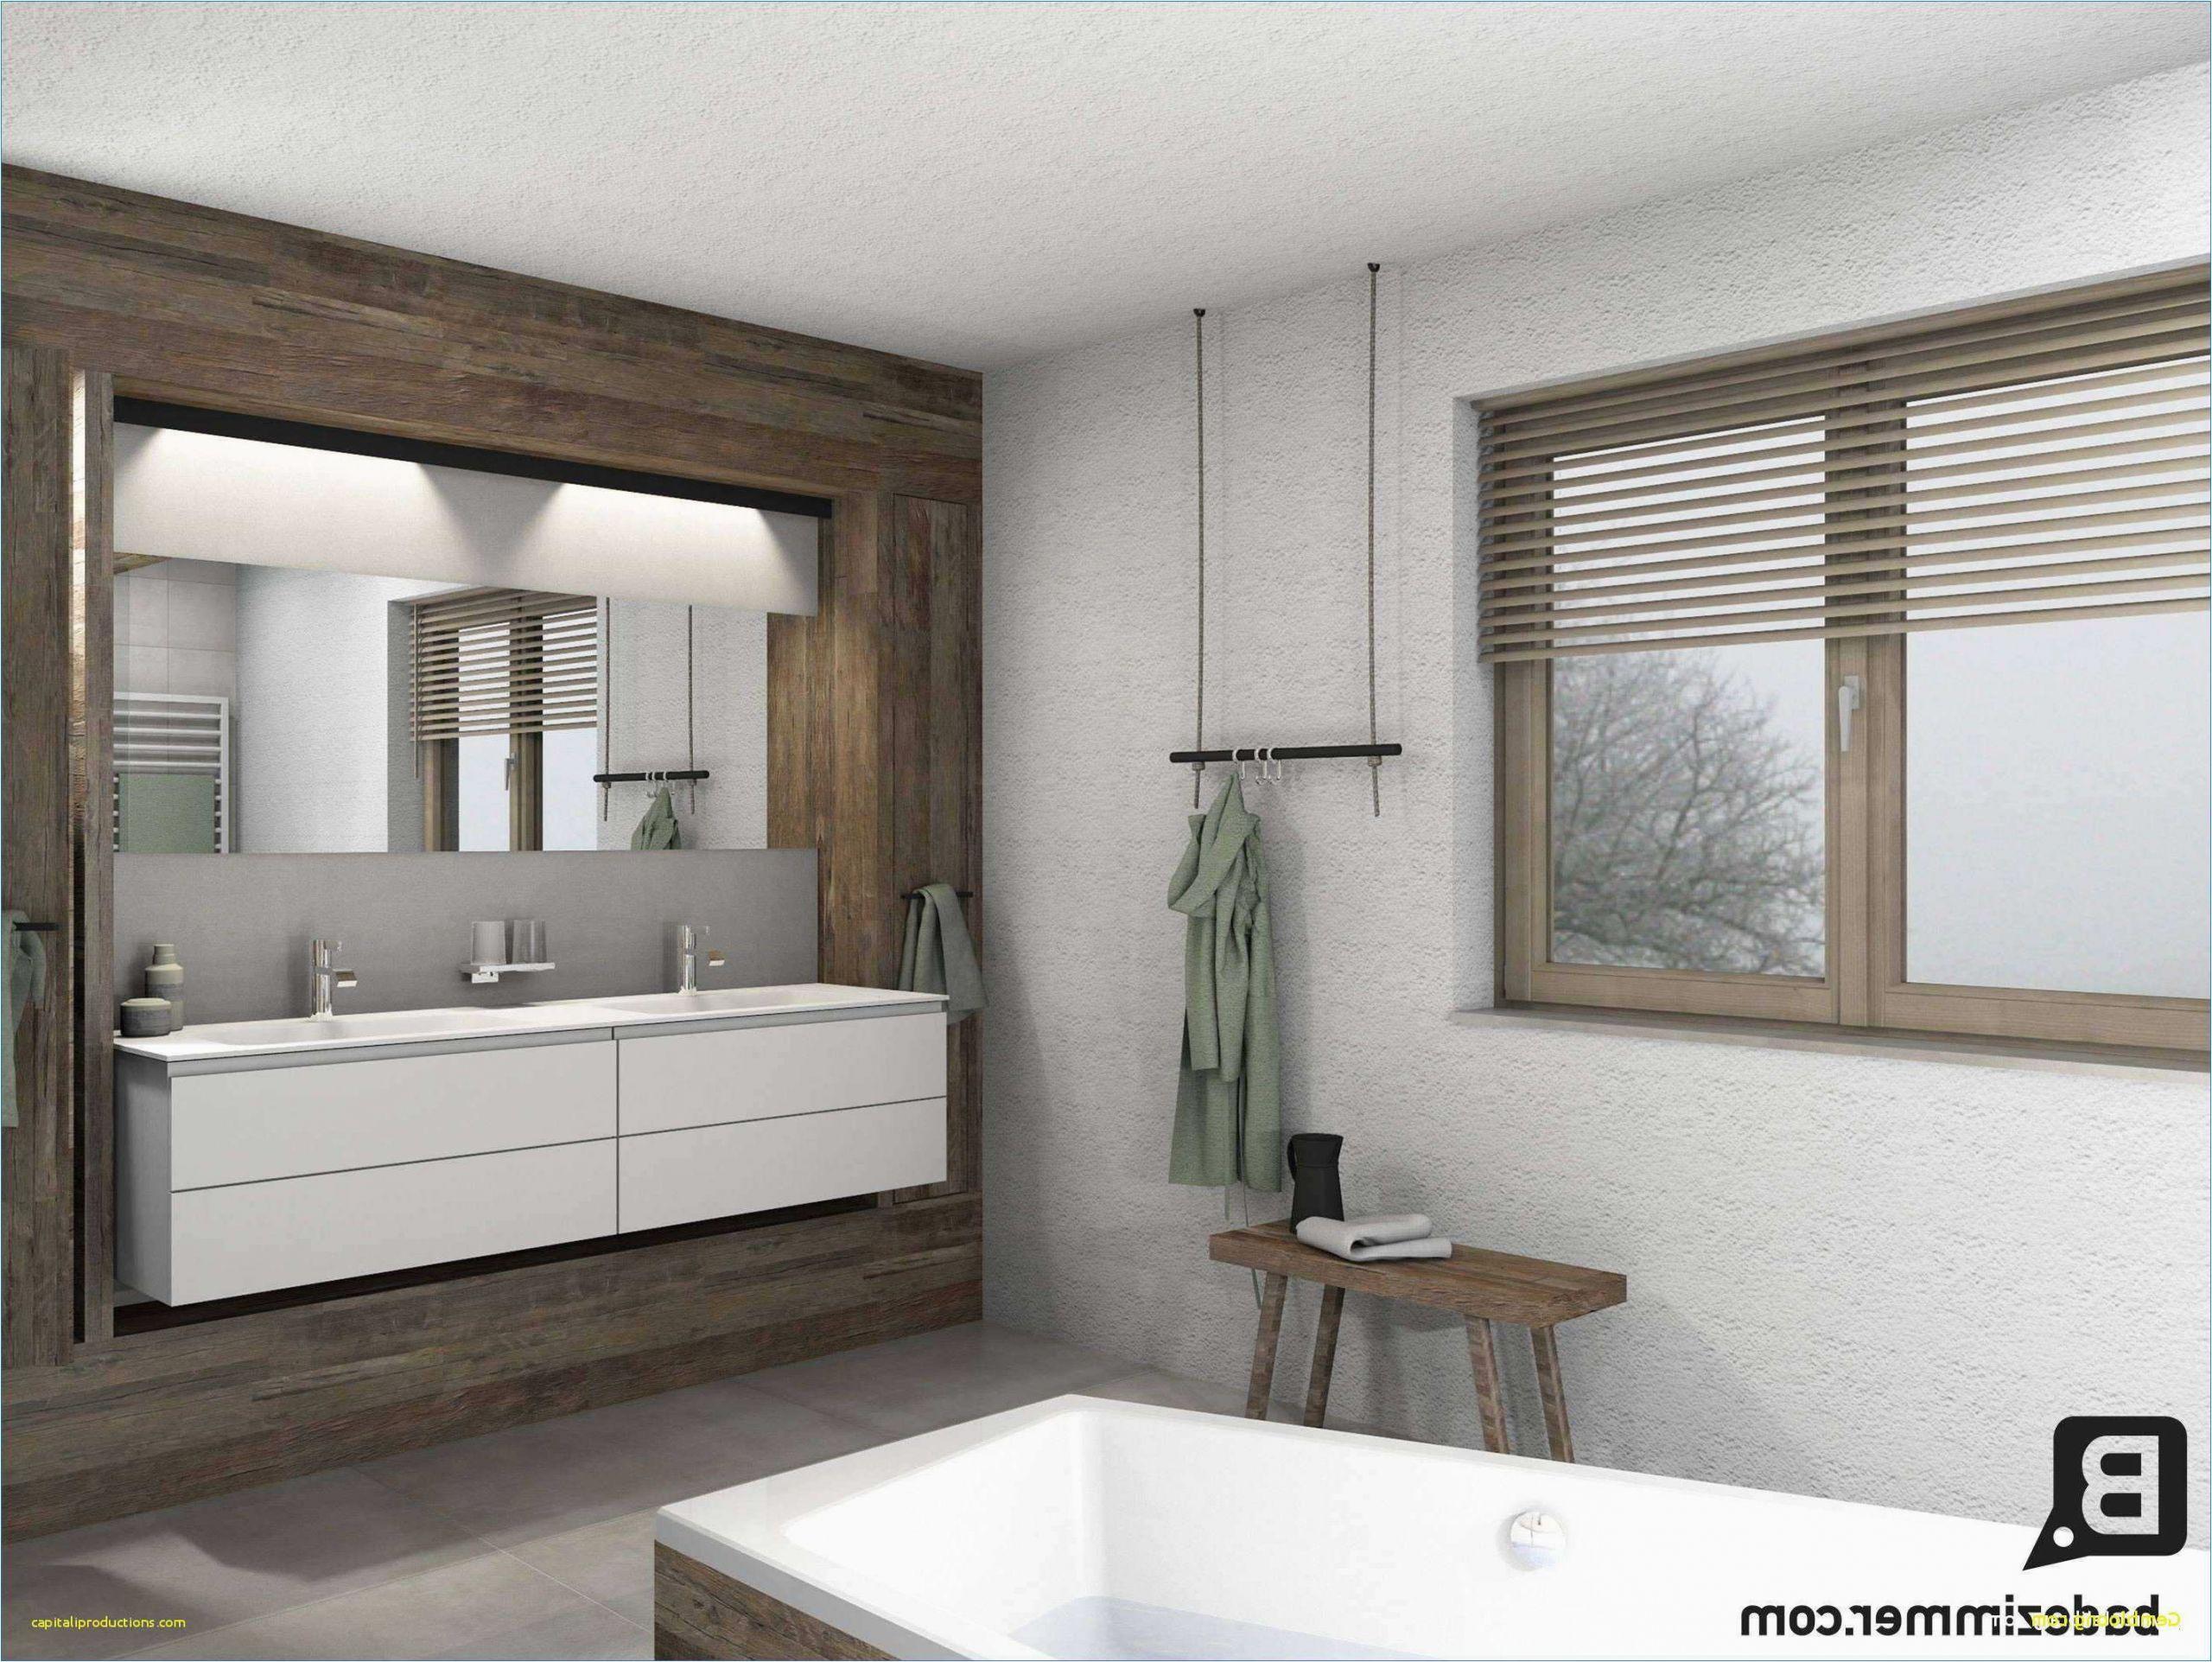 bad fliesen ideen frisch gestaltung badezimmer ideen pvc badezimmer 0d inspiration of bad fliesen ideen